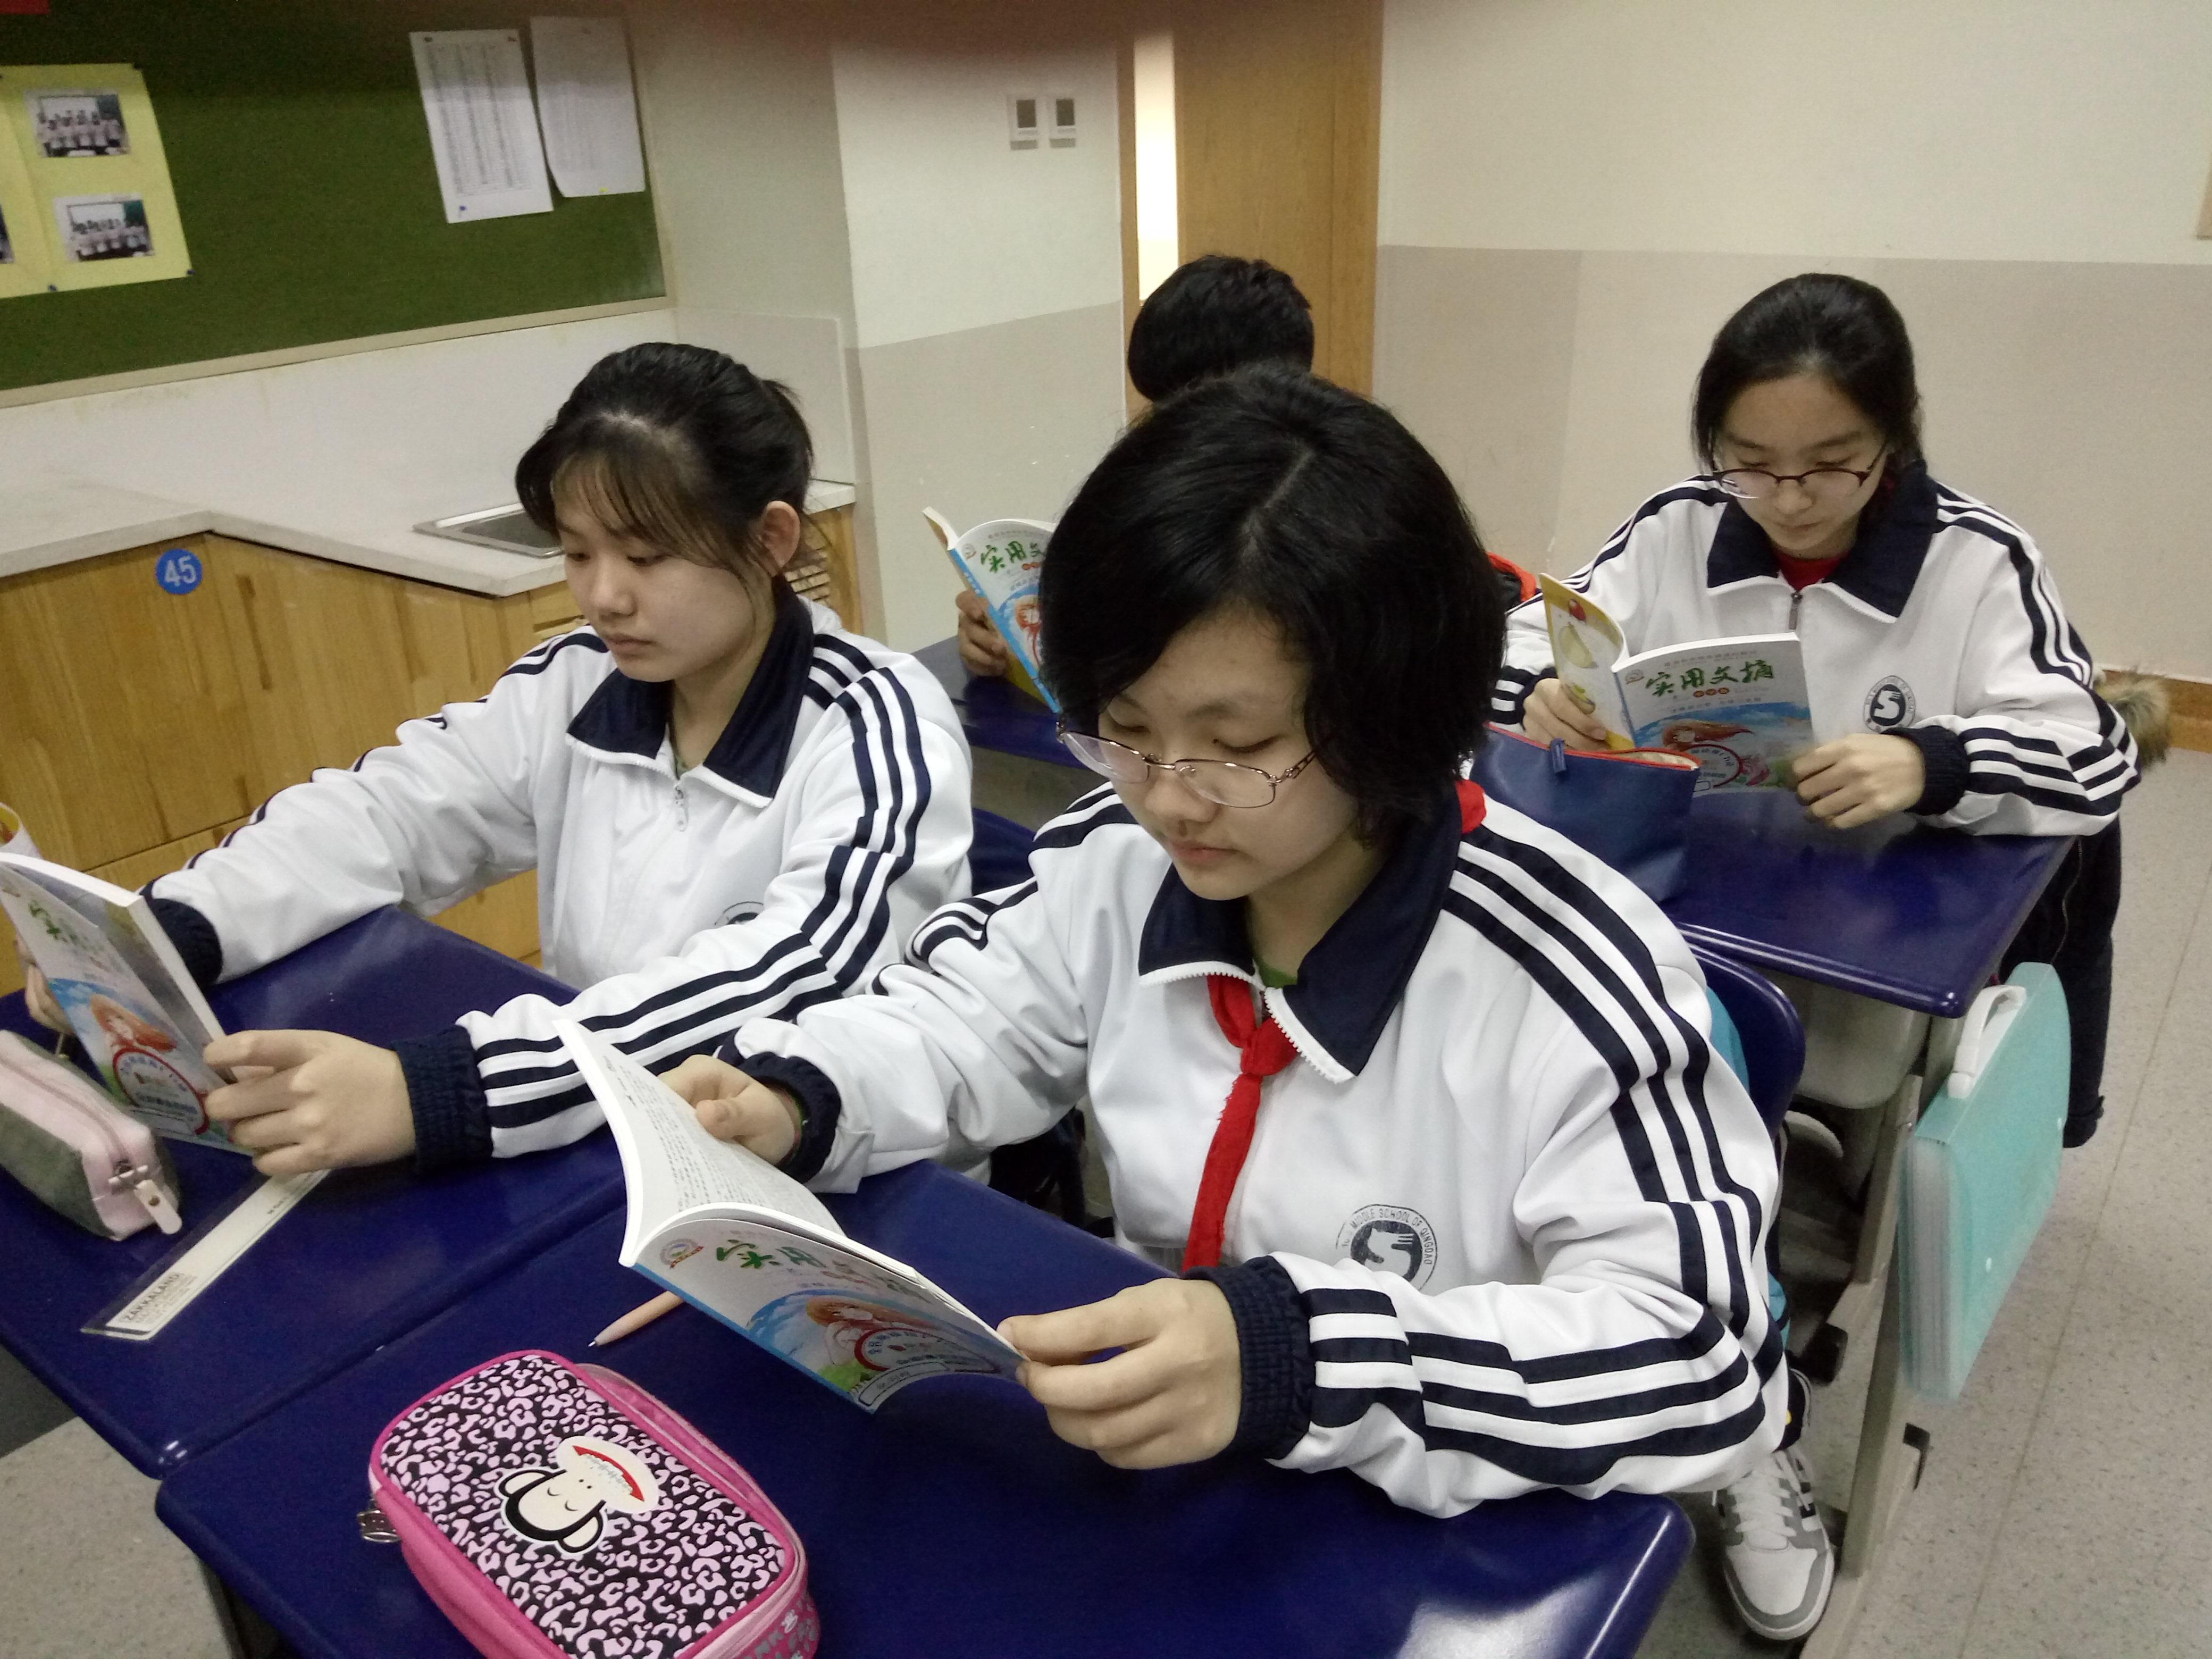 平时,八年级学生的学业负担很重,统一安排的阅读时间有限,在争取班主任、语文老师的支持下,各班还安排了适当的自习课进行阅读。目前,根据学生们在杂志漂流中的表现可以看出,学生的参与兴趣很高,无论是统一的阅读课还是下课时间,只要有时间学生们就会翻阅。